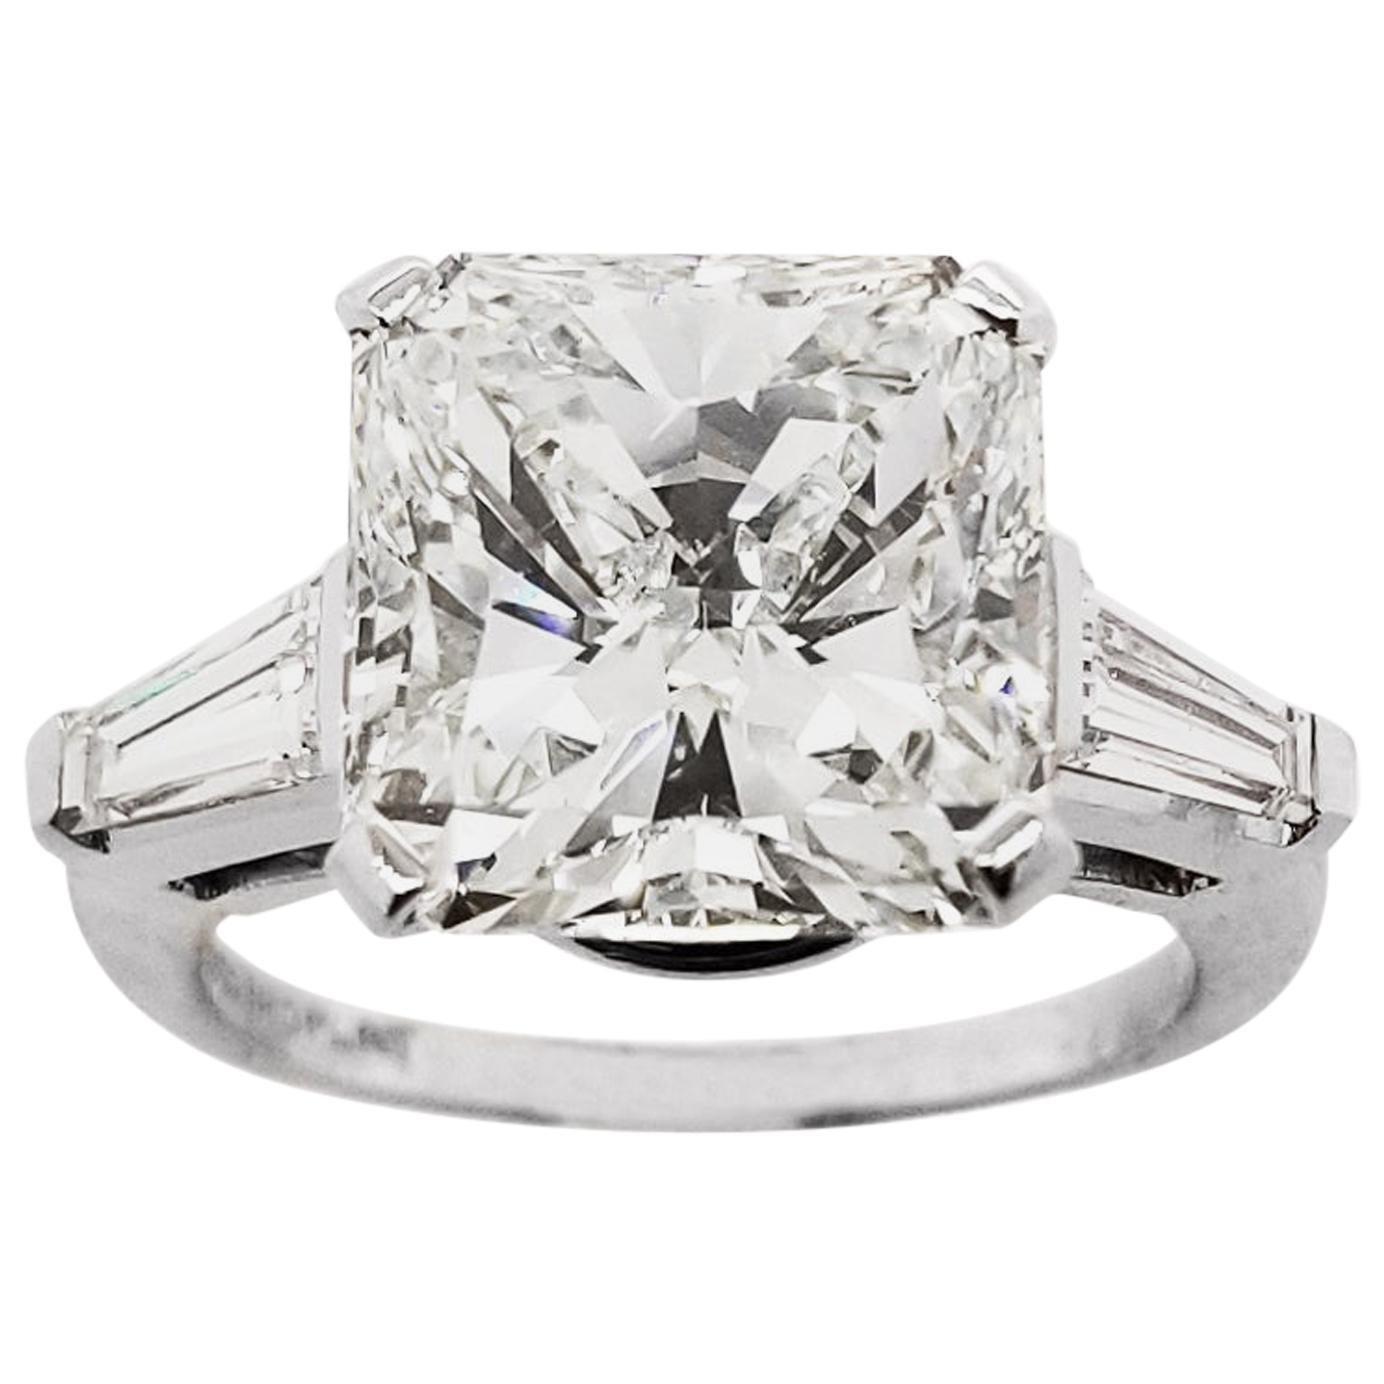 7 Carats Radiant Cut Diamond Engagement Ring in Platinum, IGI